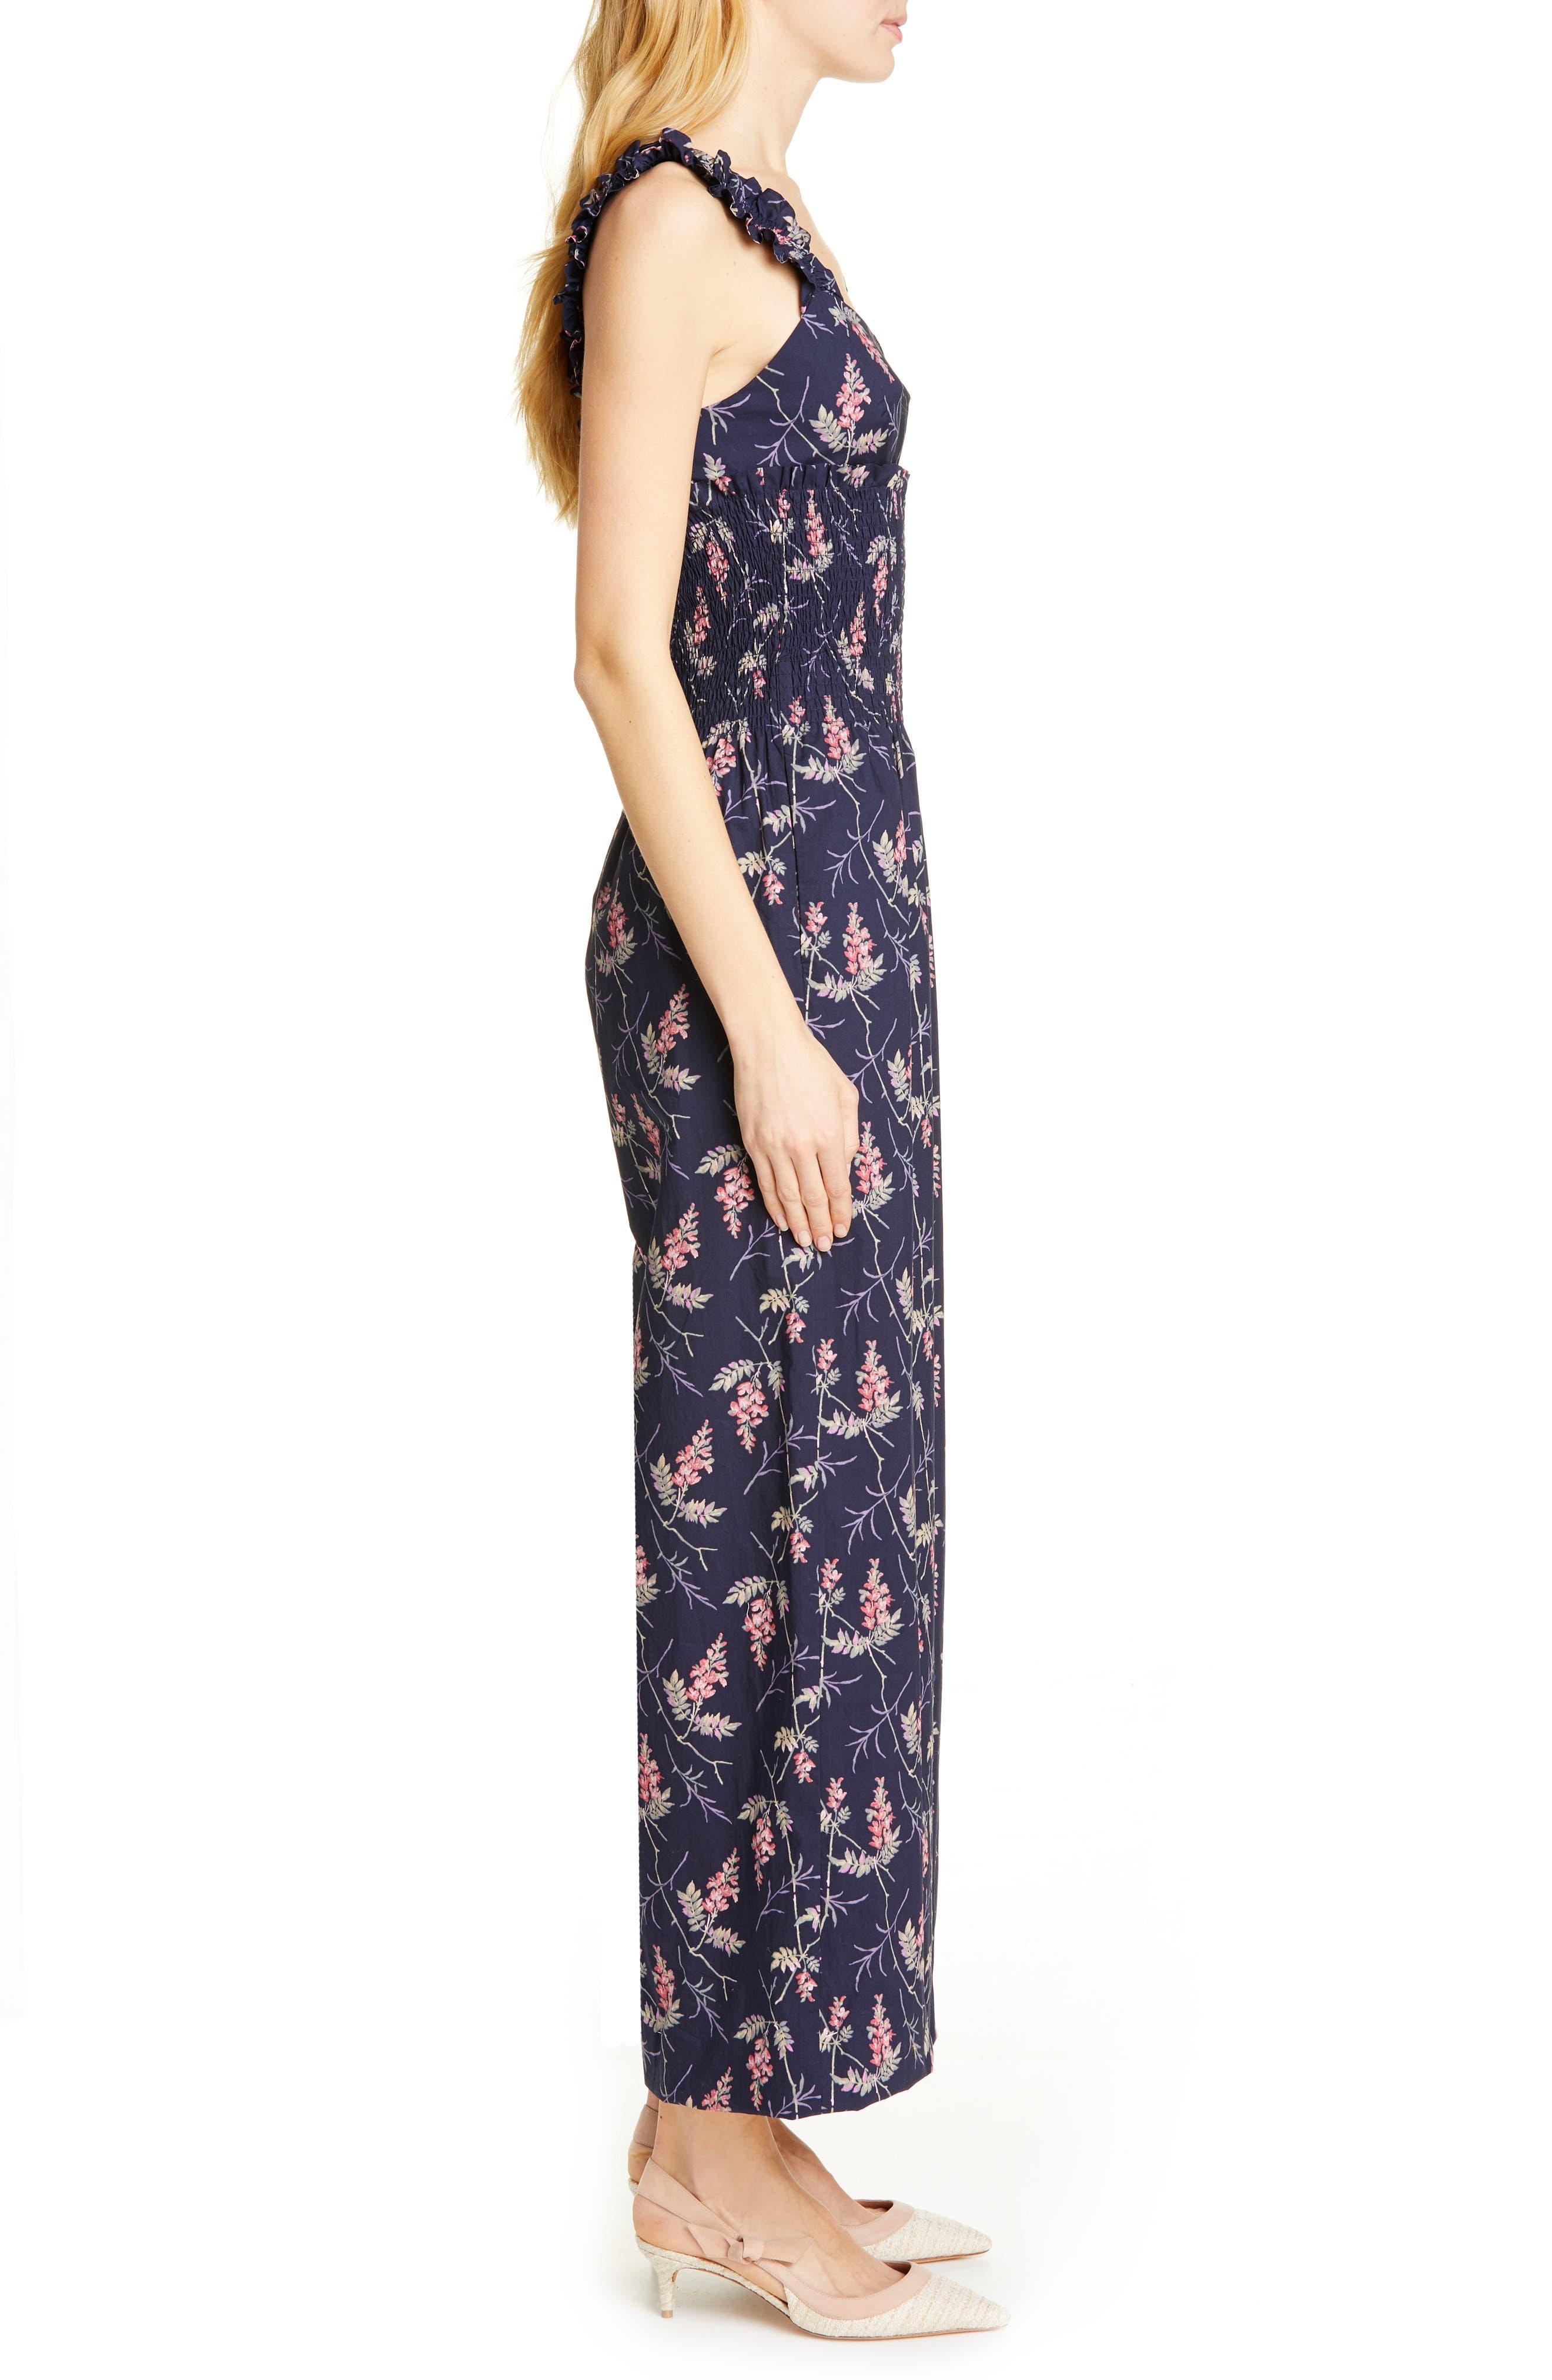 REBECCA TAYLOR, Ivie Floral Cotton Jumpsuit, Alternate thumbnail 3, color, NAVY COMBO